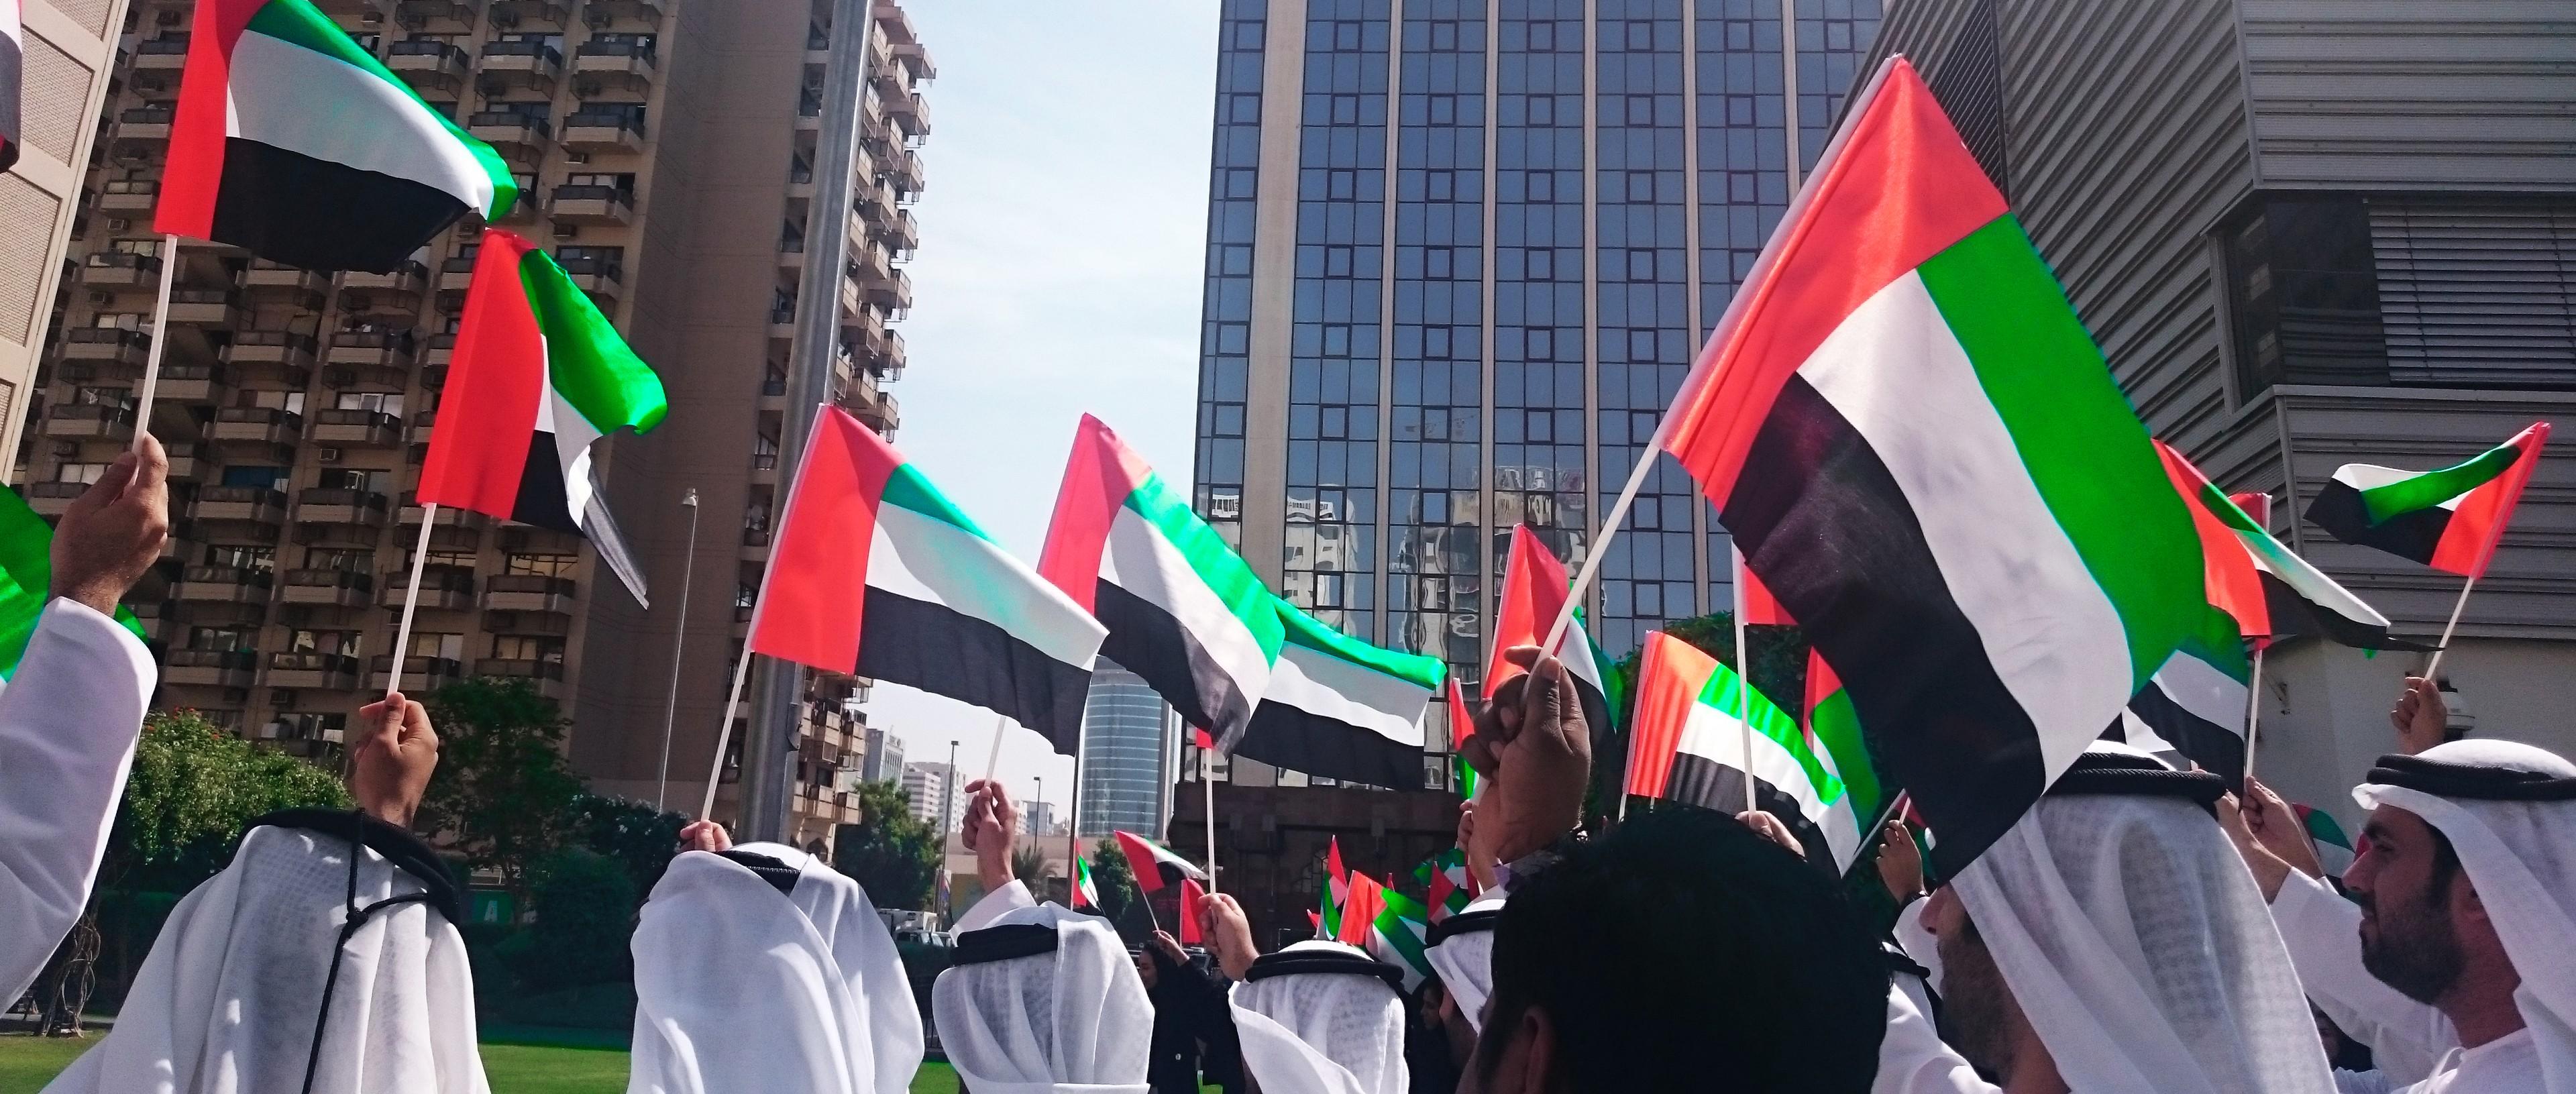 Ihmiset heiluttavat Emiraattien lippuja